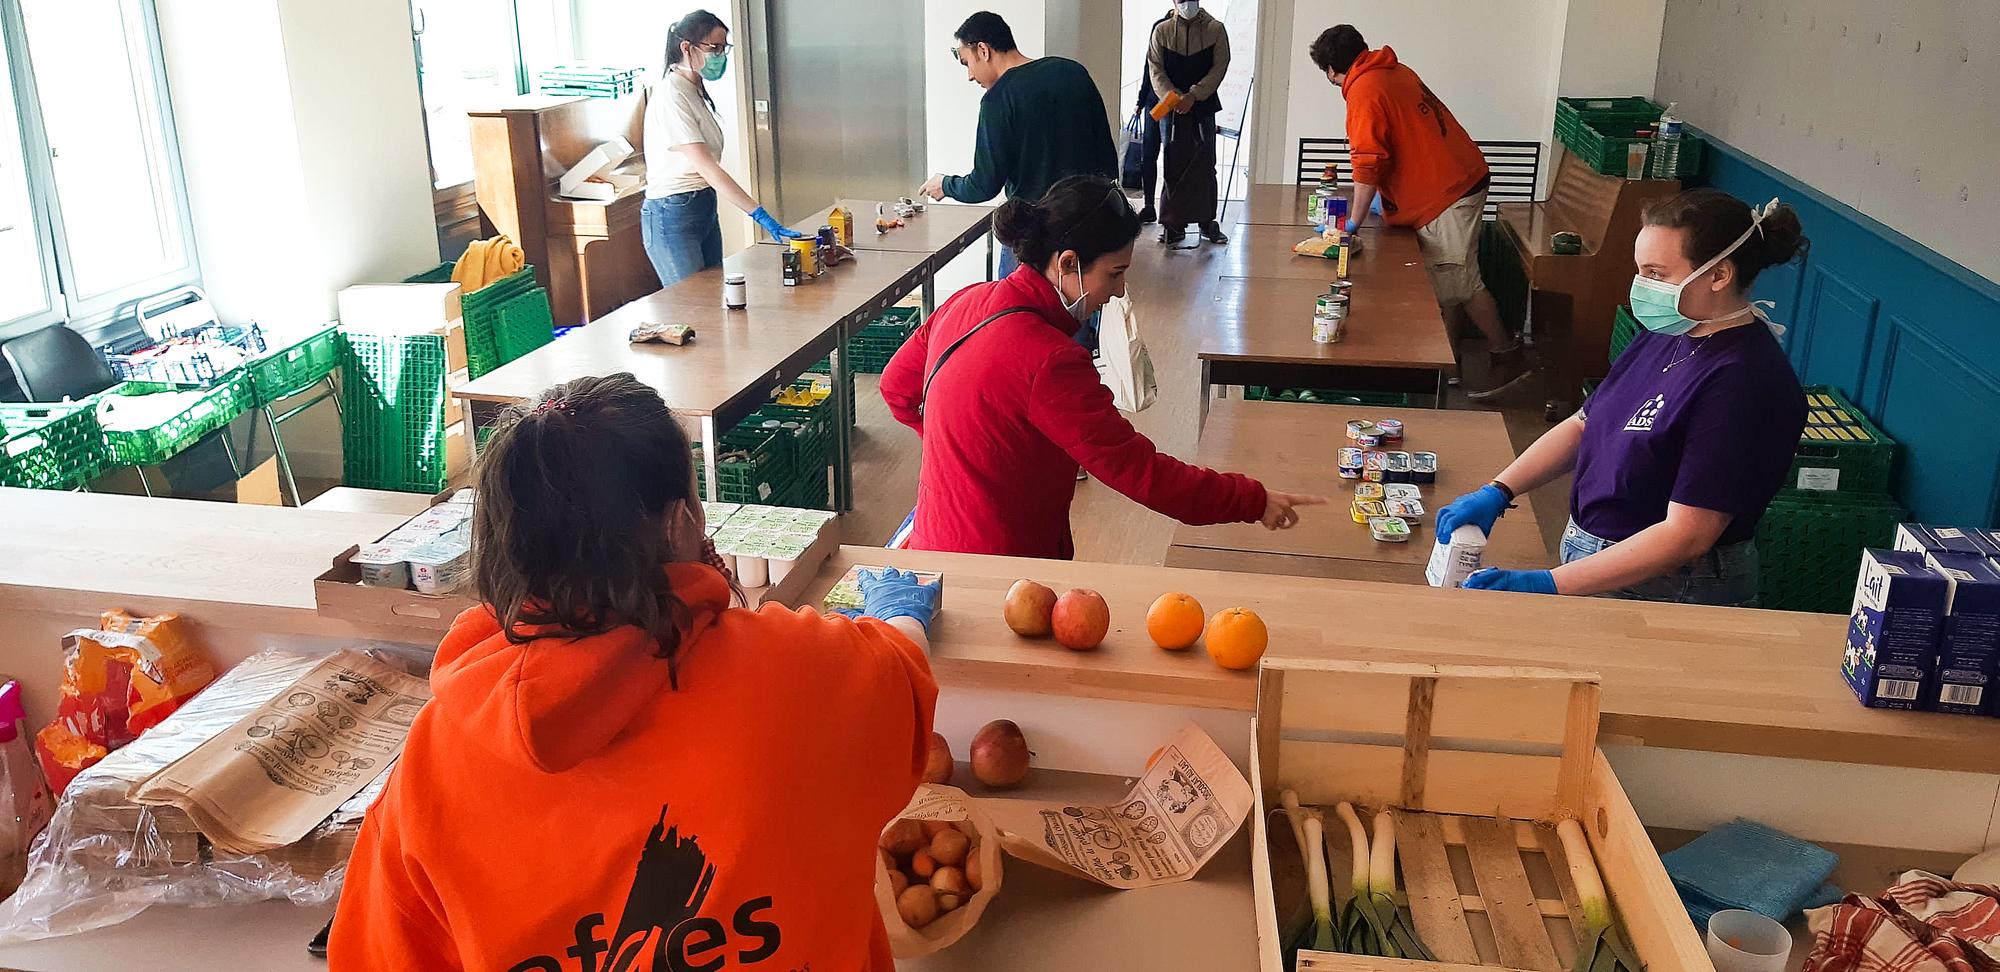 [Étudiants] Distribution gratuite de denrées alimentaires - Strasbourg (67)